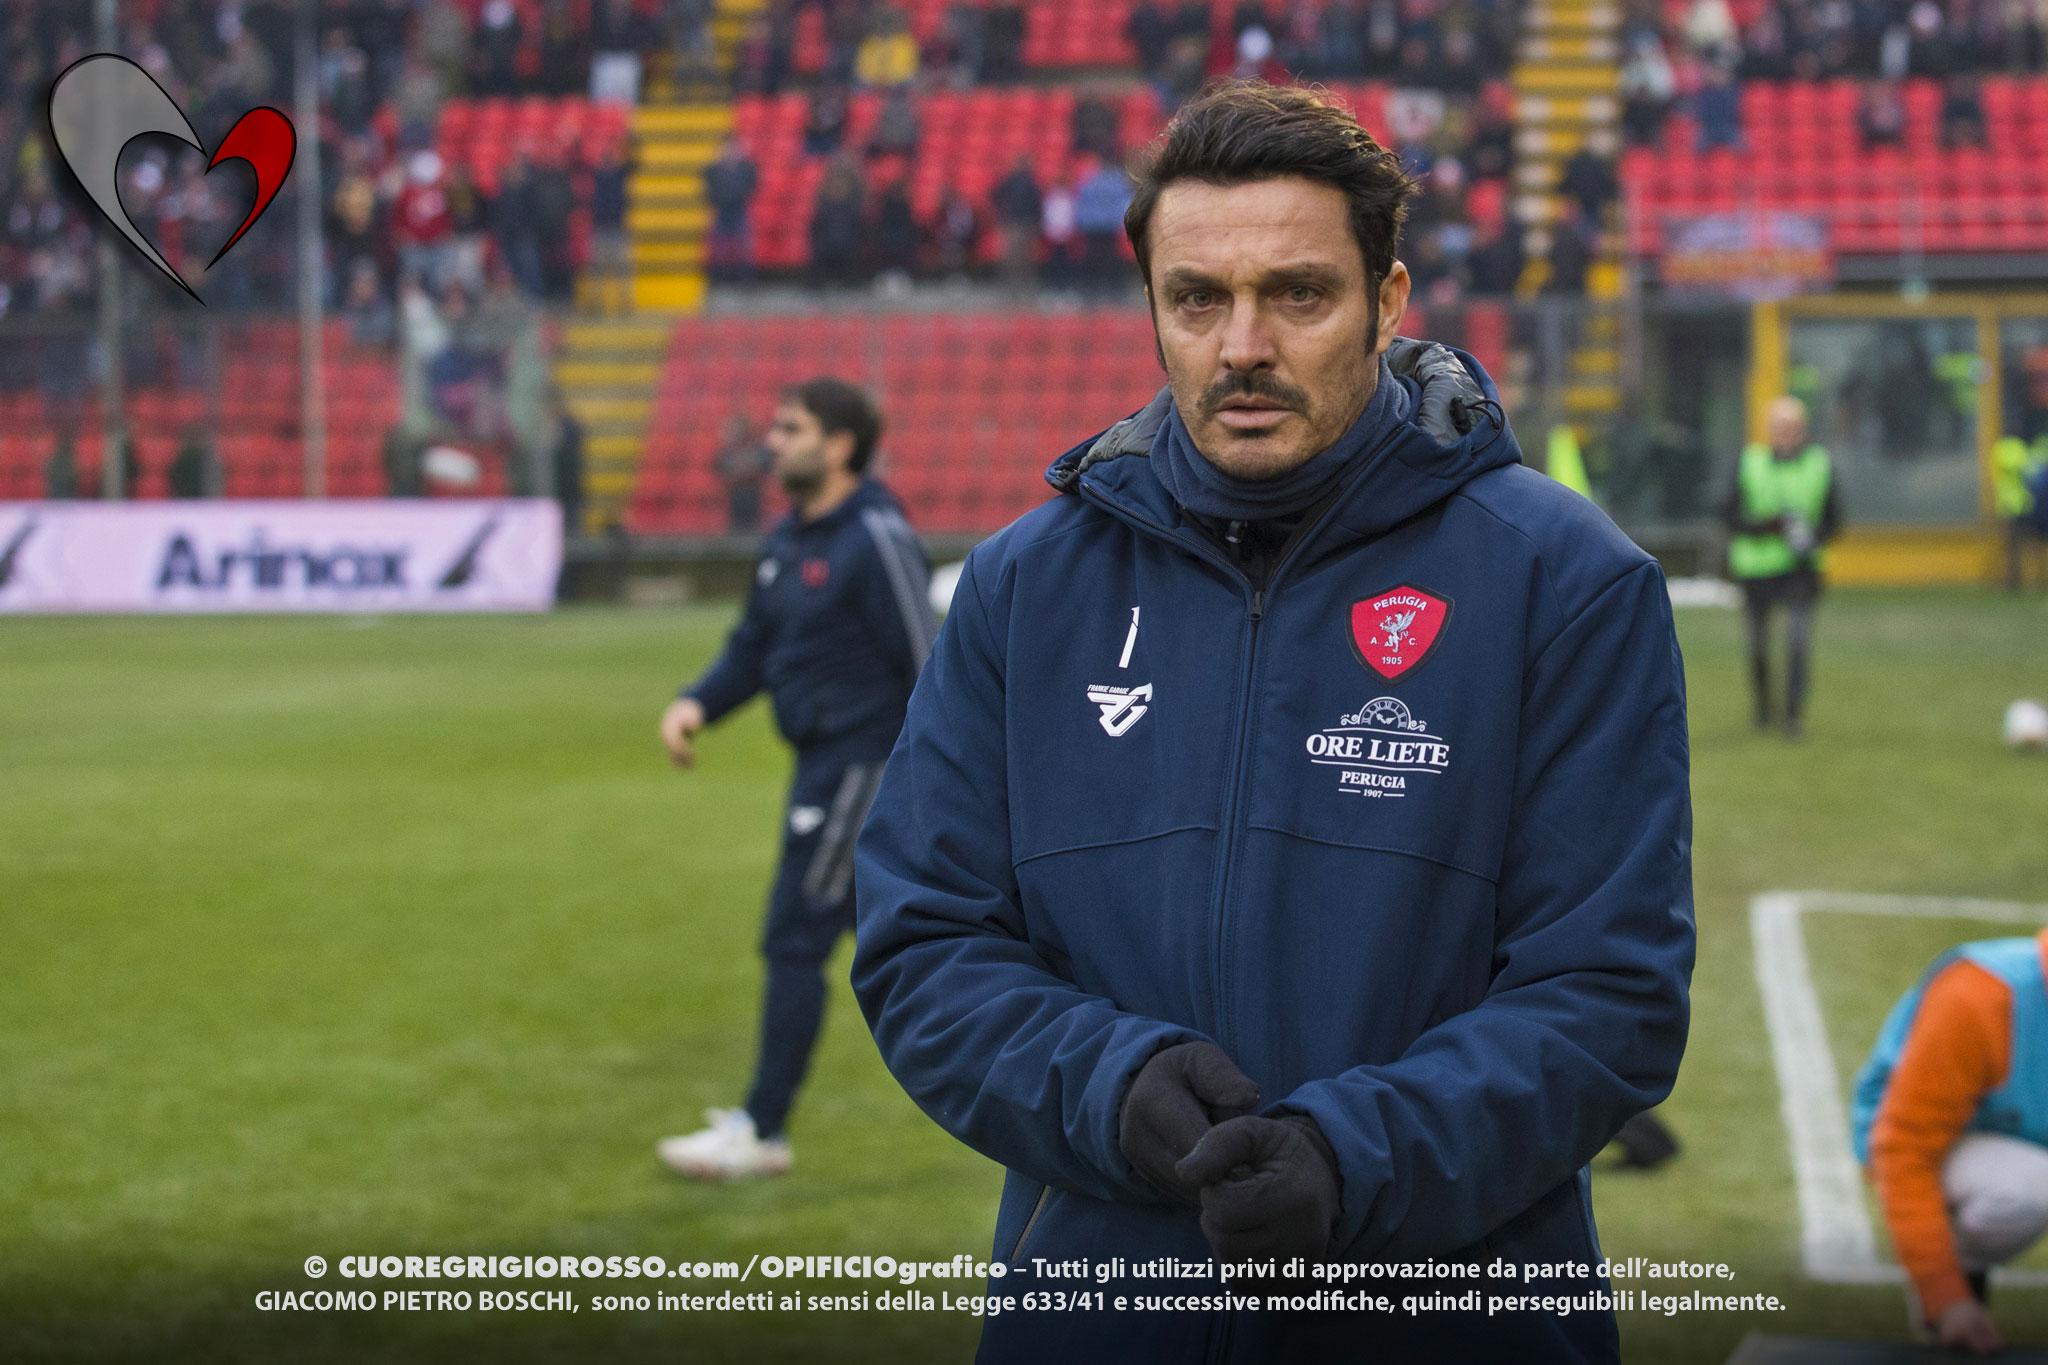 Serie B, Oddo-Pescara addio. Ecco Breda